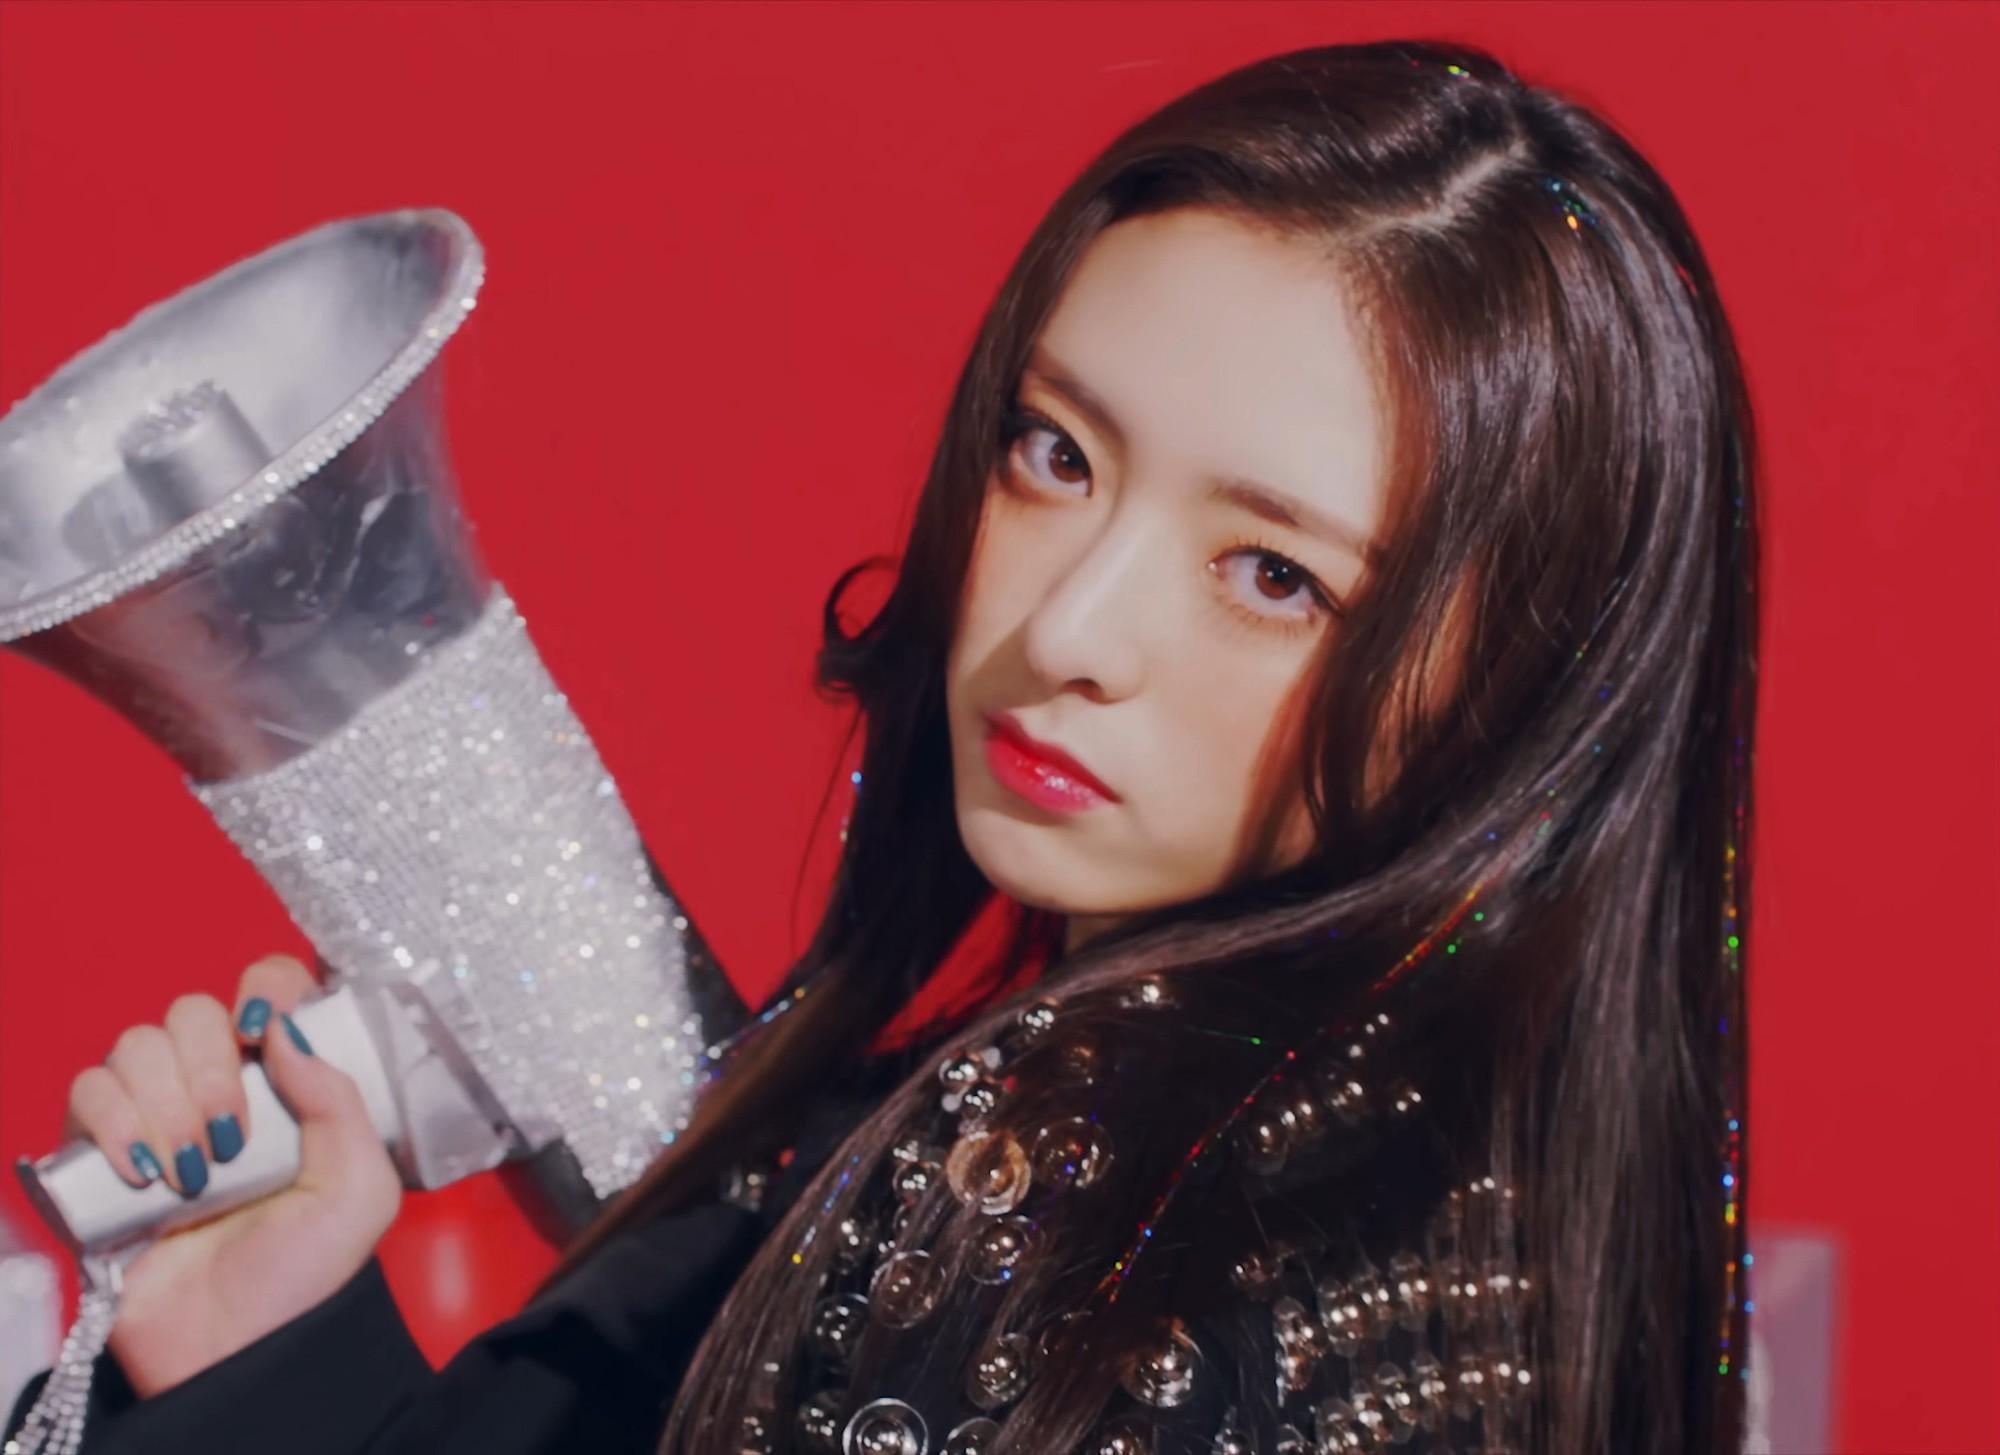 4 điểm trùng hợp bất ngờ của dàn em út vàng girlgroup nhà JYP: Visual hớp hồn, đến tuổi, phong cách cũng na ná - Ảnh 7.